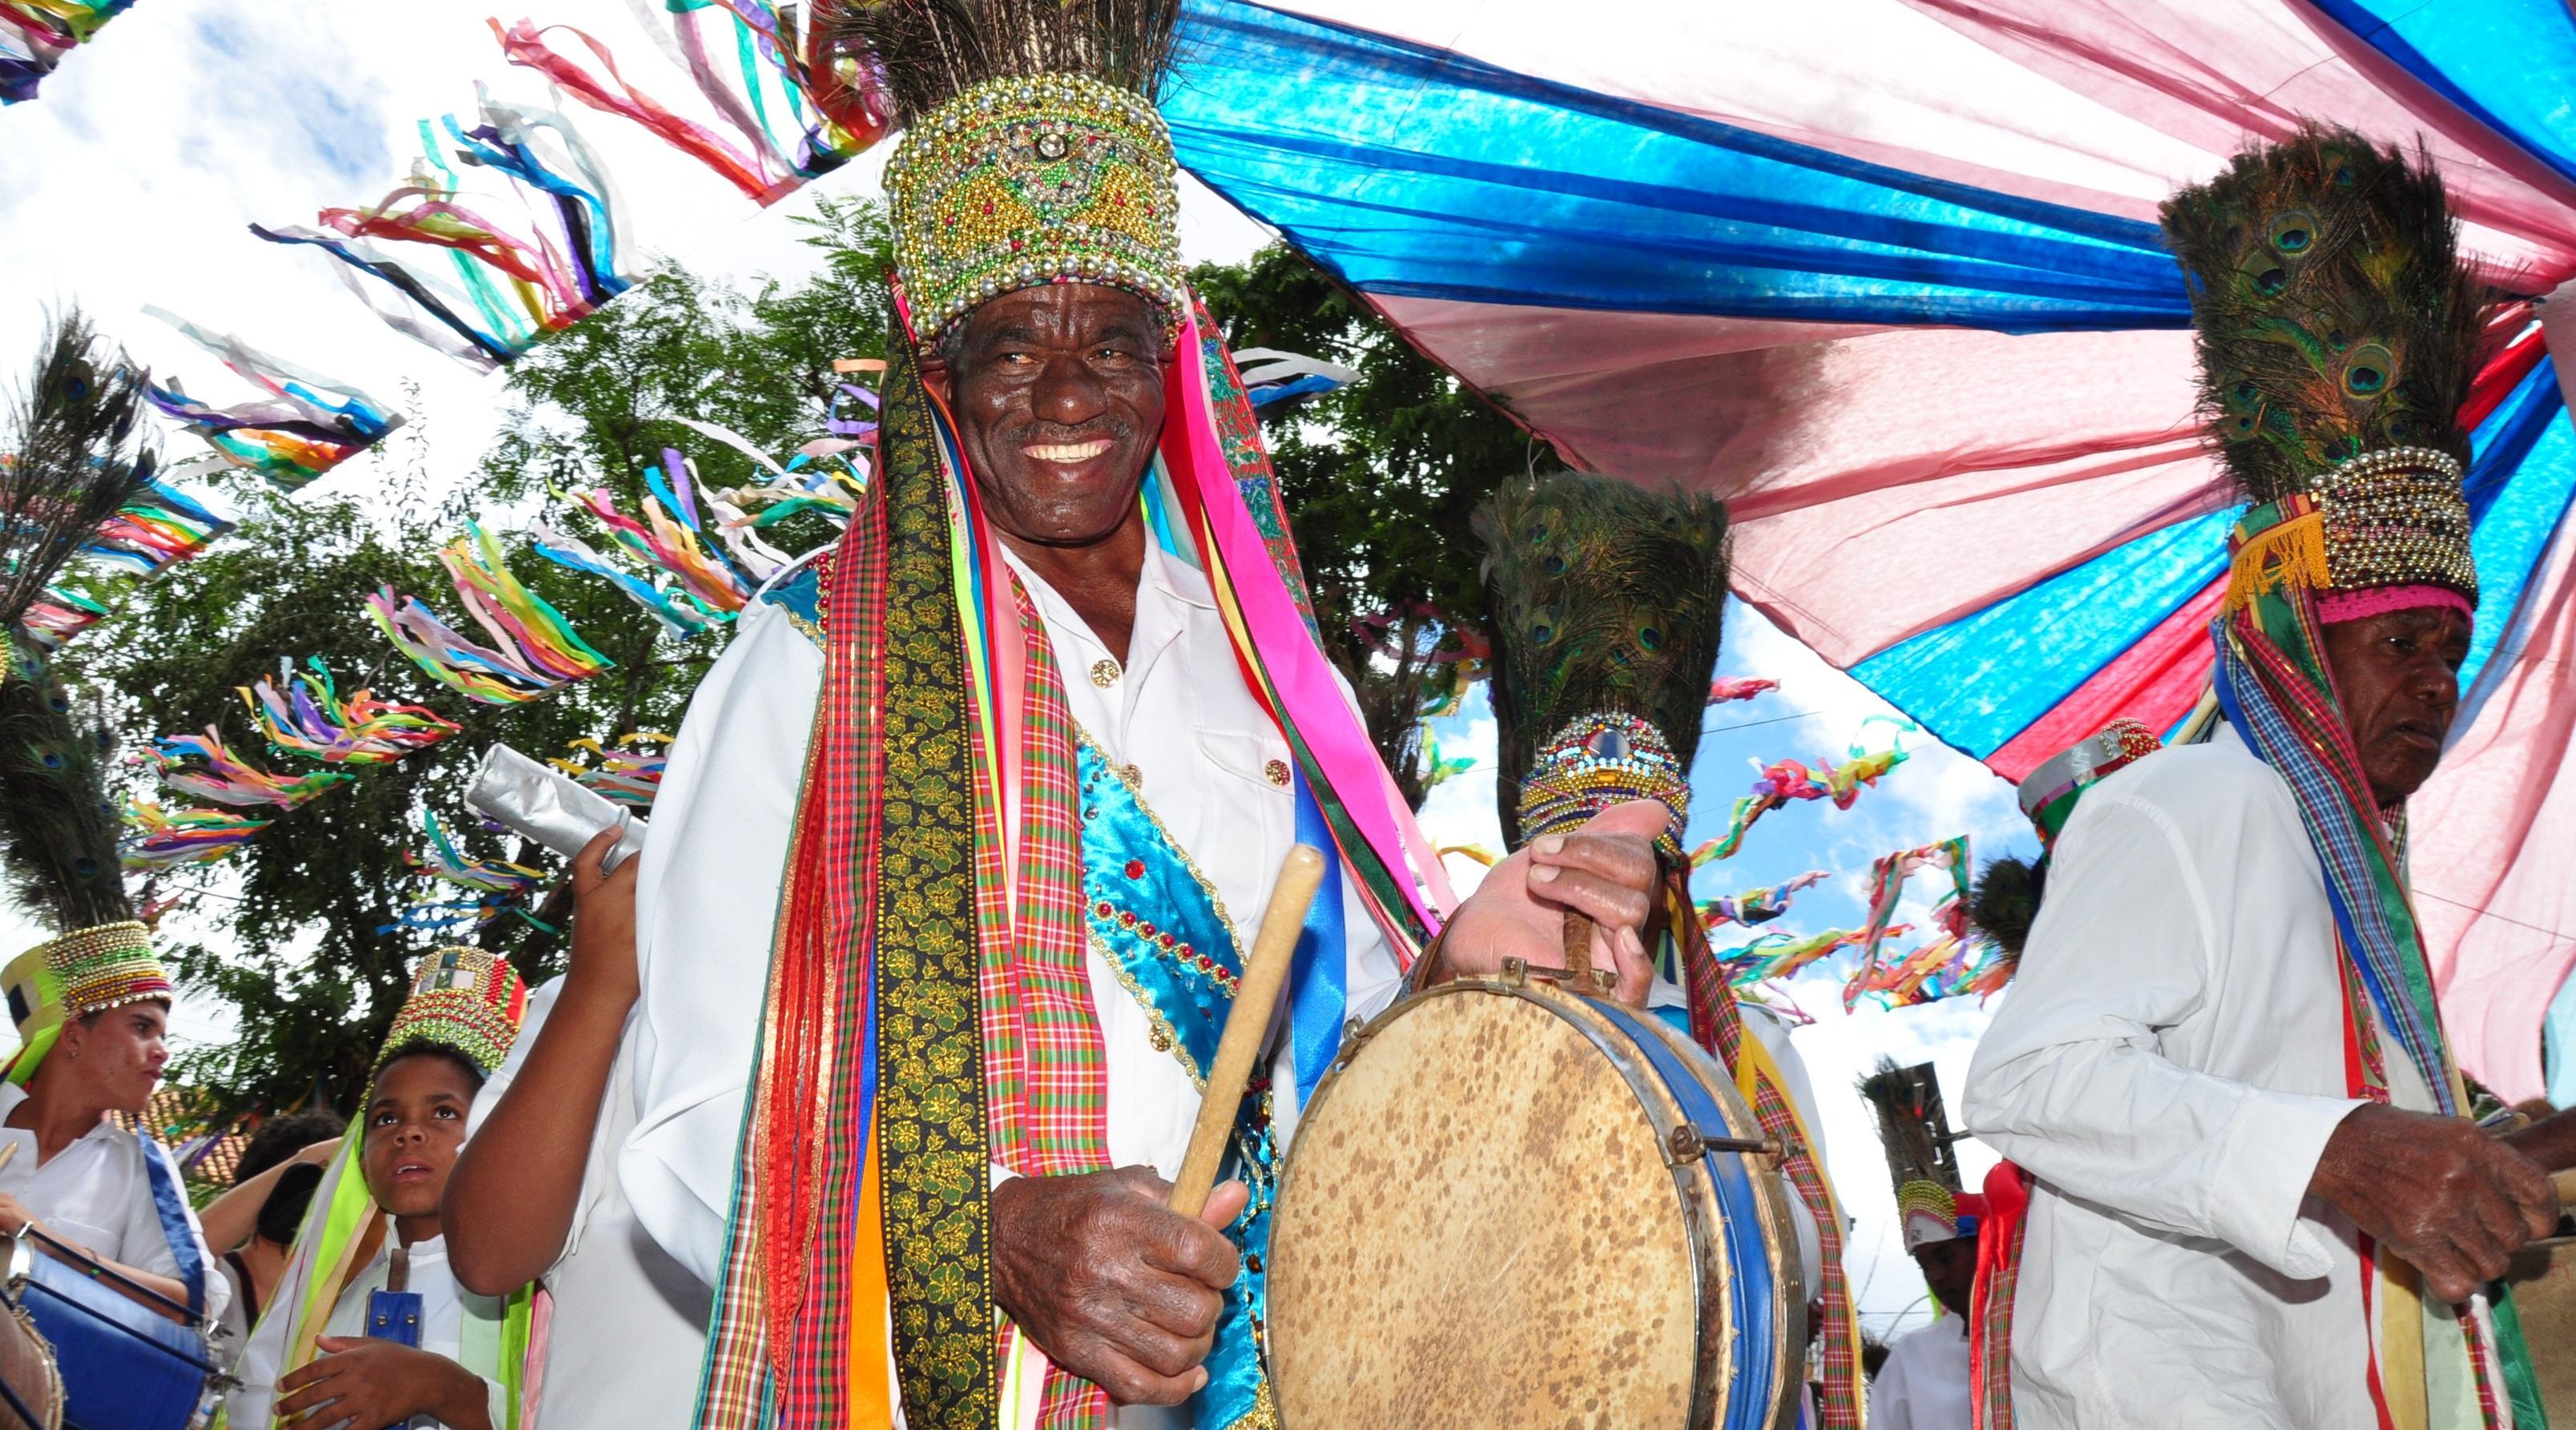 Imagem de destaque Prefeitura contrata transporte para ternos de folia nas Festas de Agosto